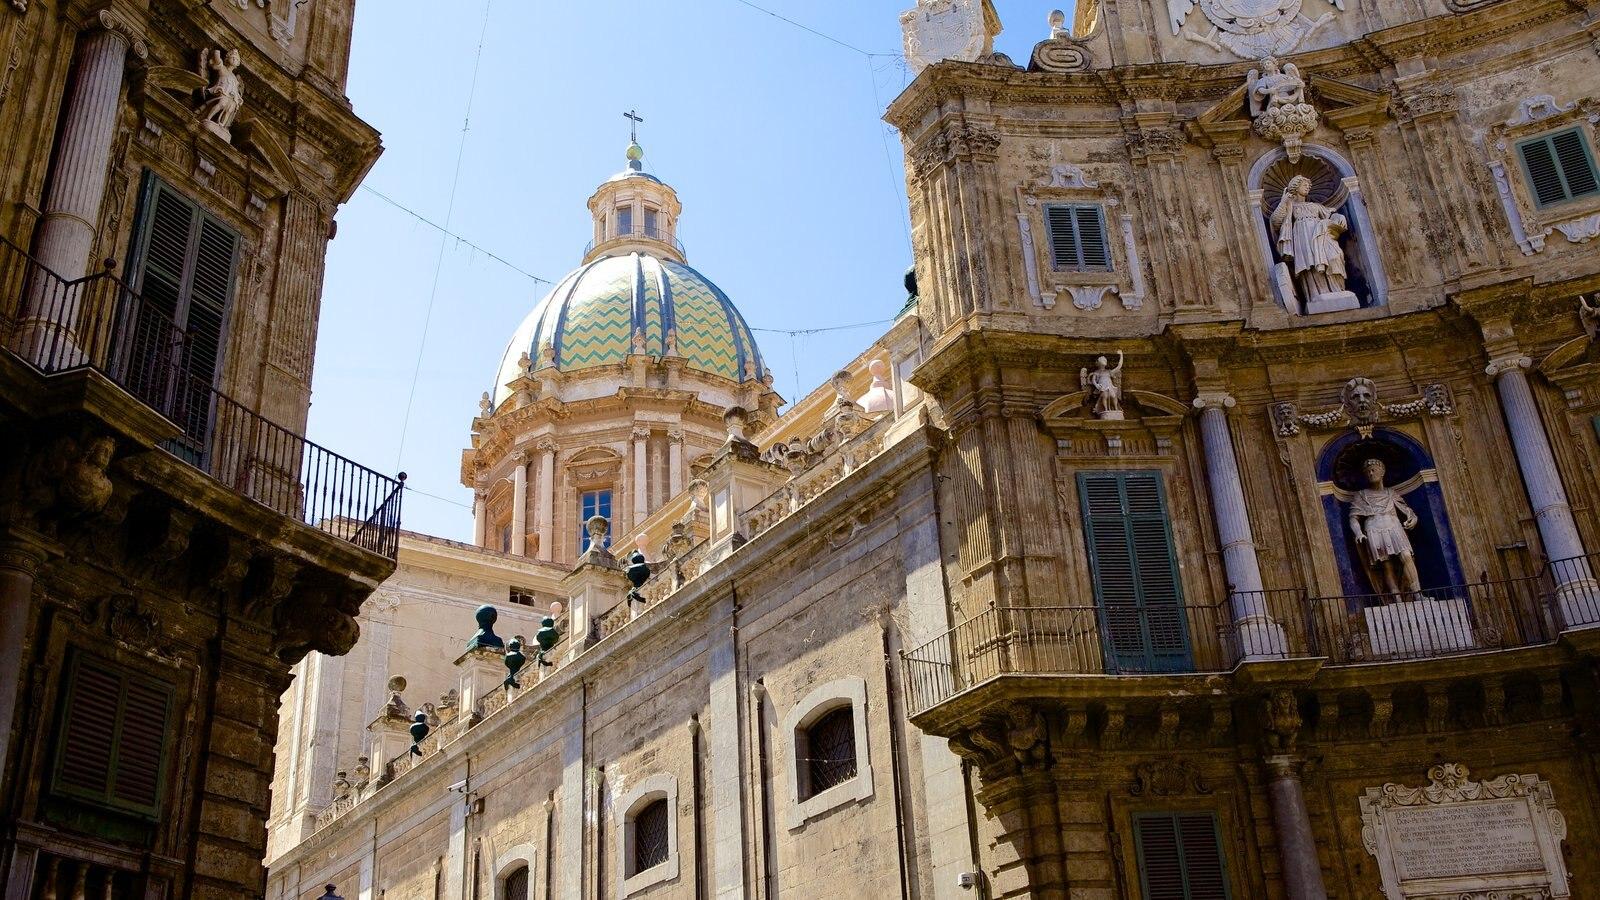 Via Maqueda mostrando uma igreja ou catedral, arquitetura de patrimônio e cenas de rua